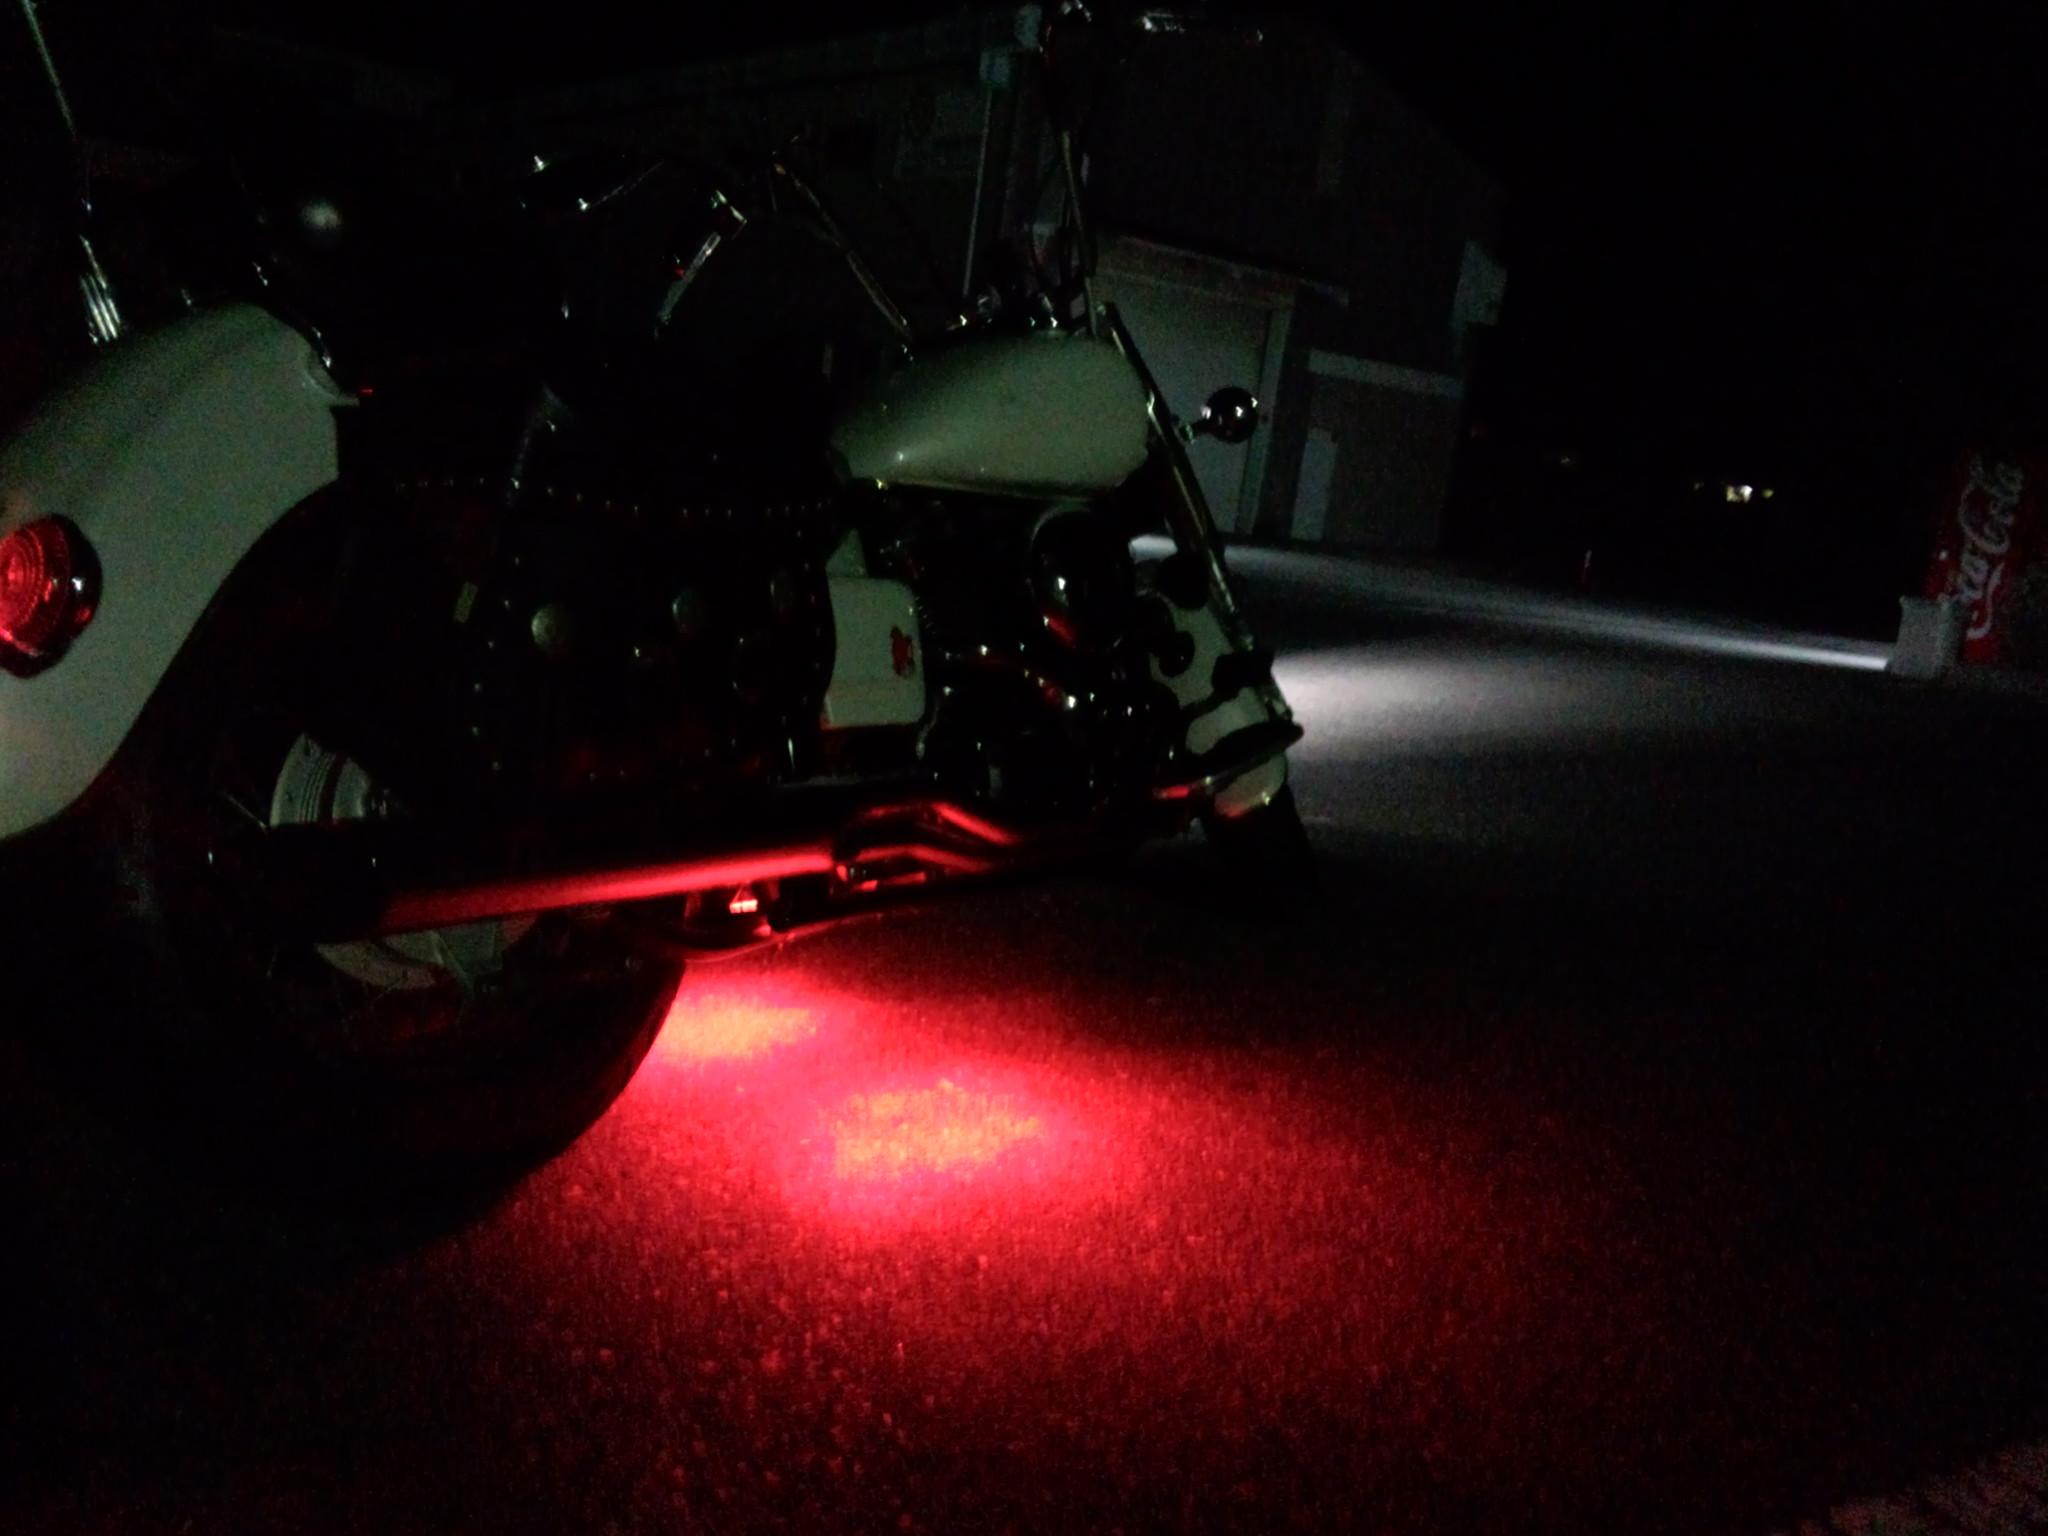 バイクにLED電飾を施すことで、一人エレクトリカルなパレード?